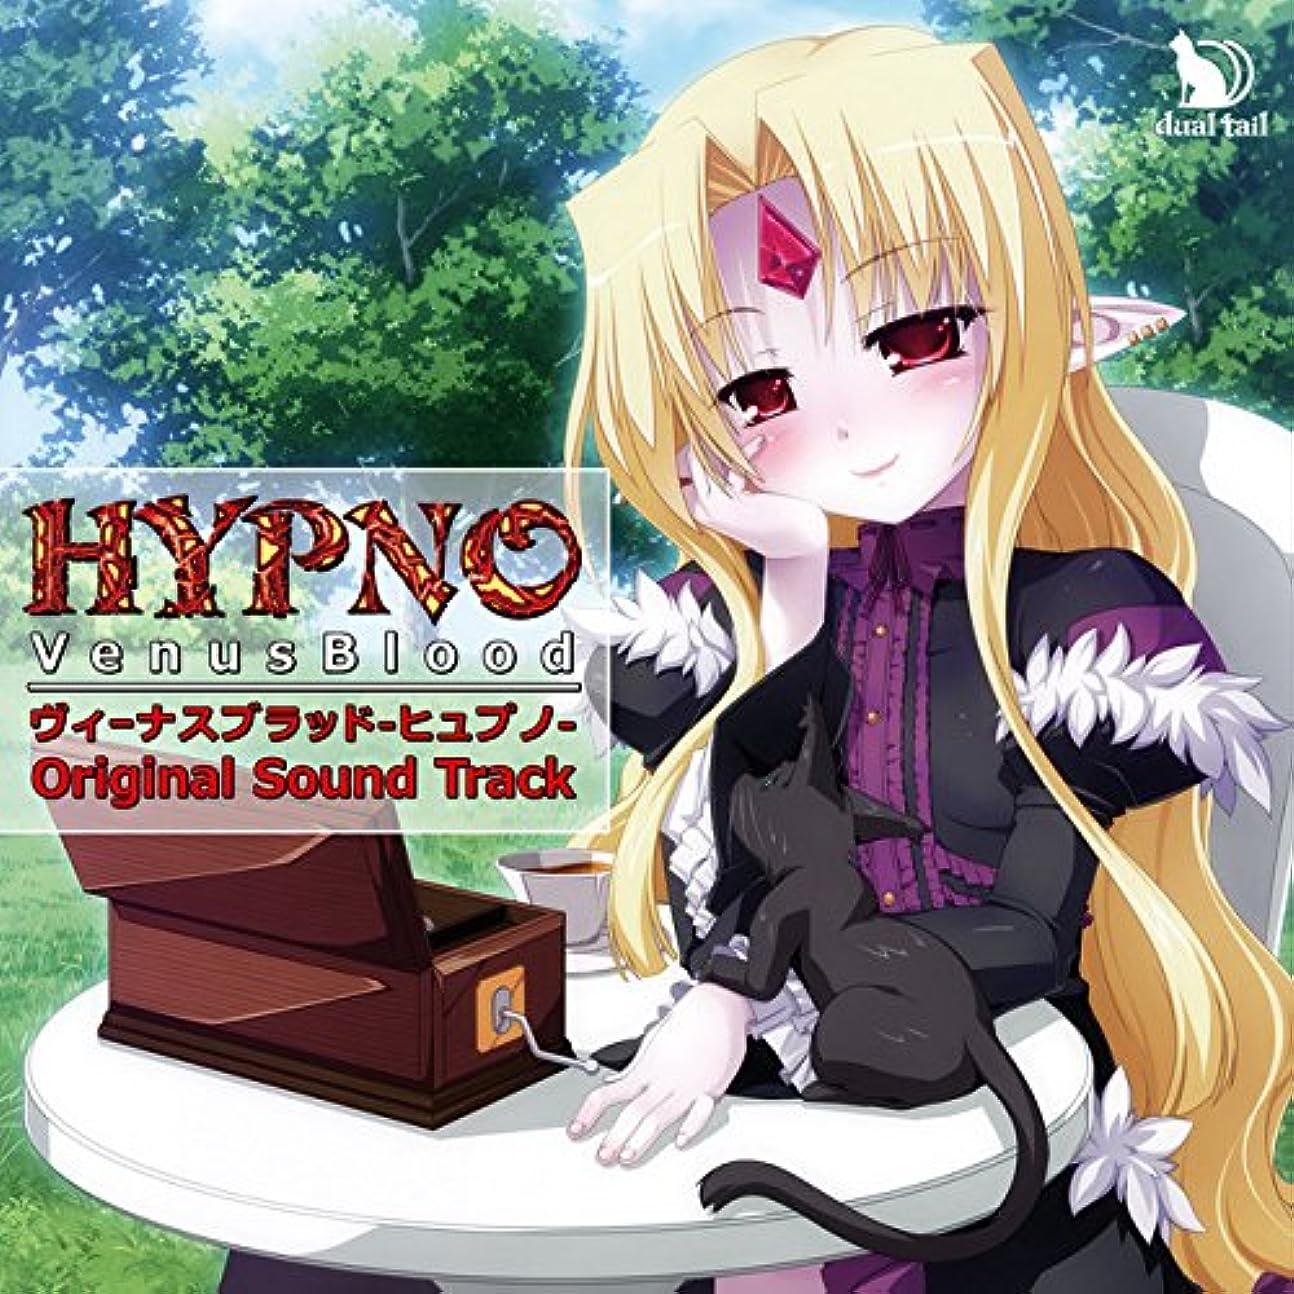 図発生イライラするVenusBlood -HYPNO- オリジナルサウンドトラック